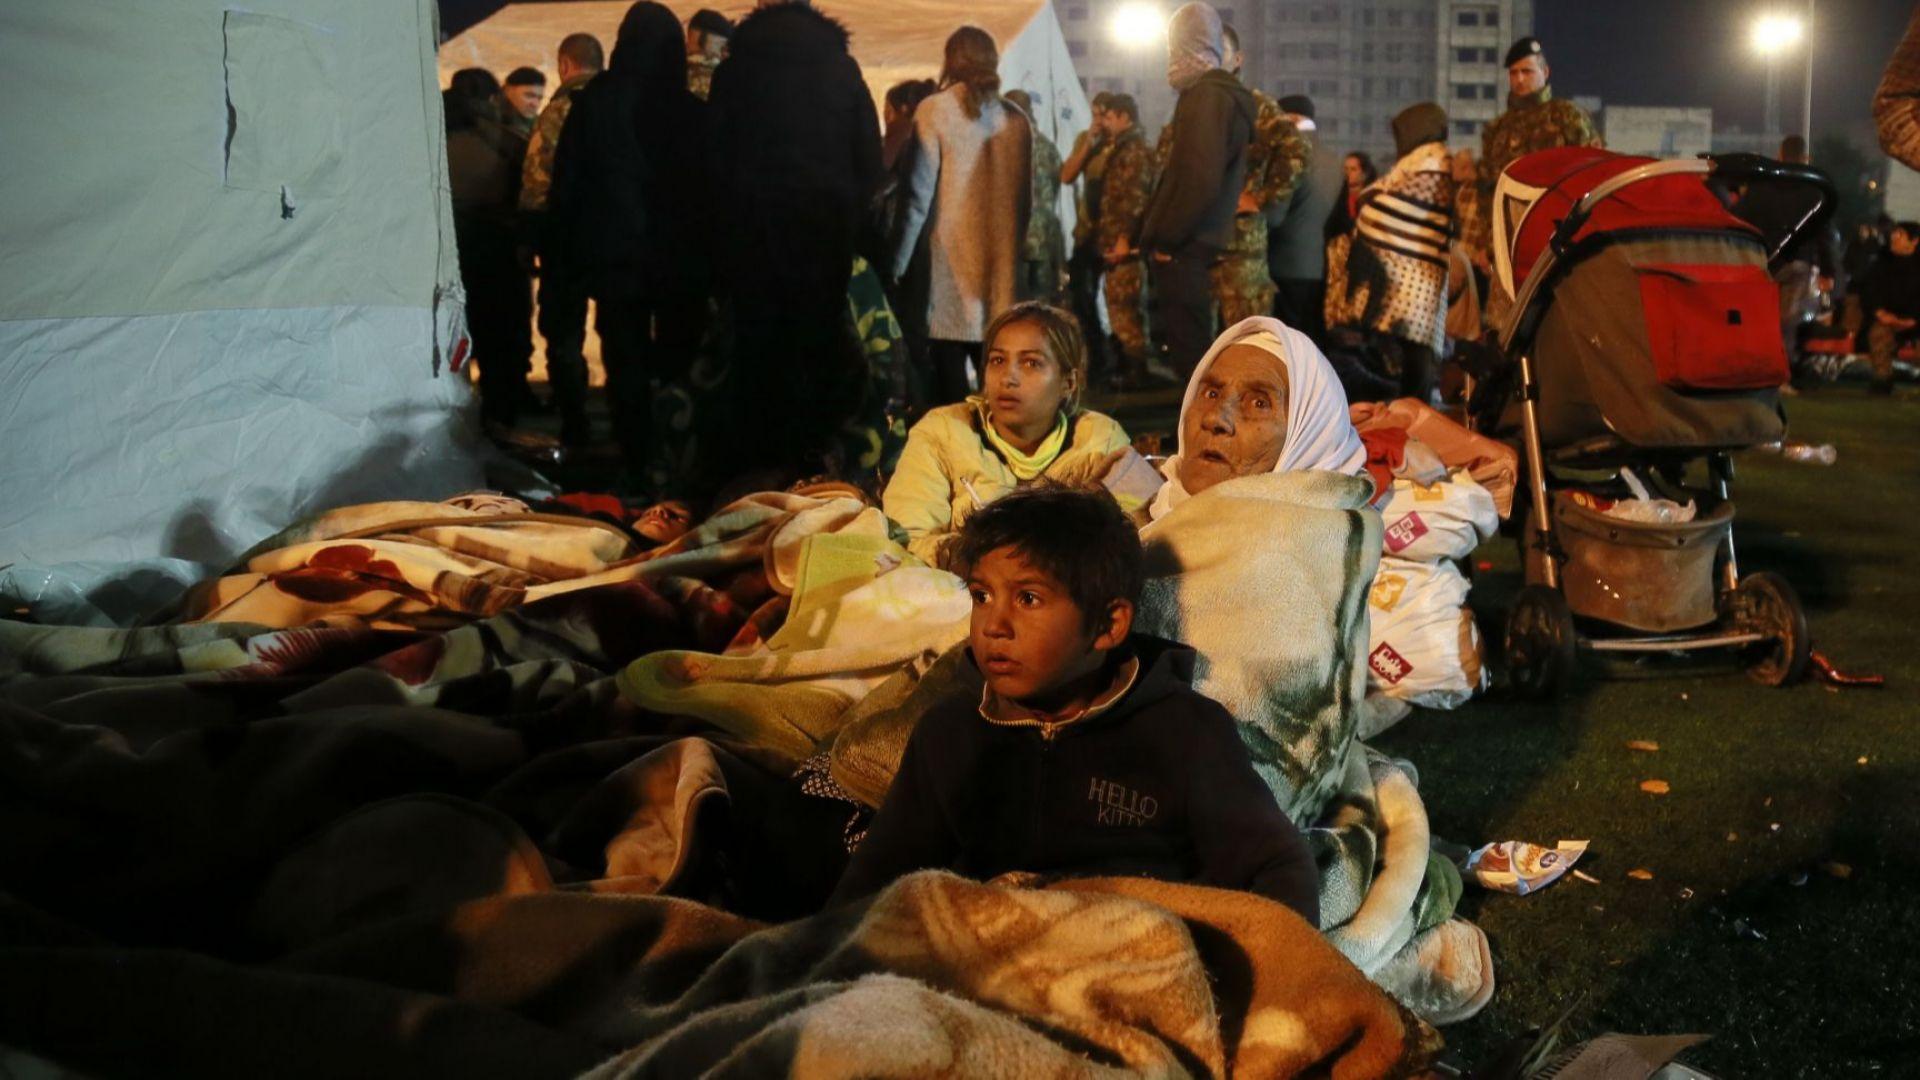 24 са вече загиналите при труса в Албания, стотици прекараха нощта в палатки (снимки, видео)